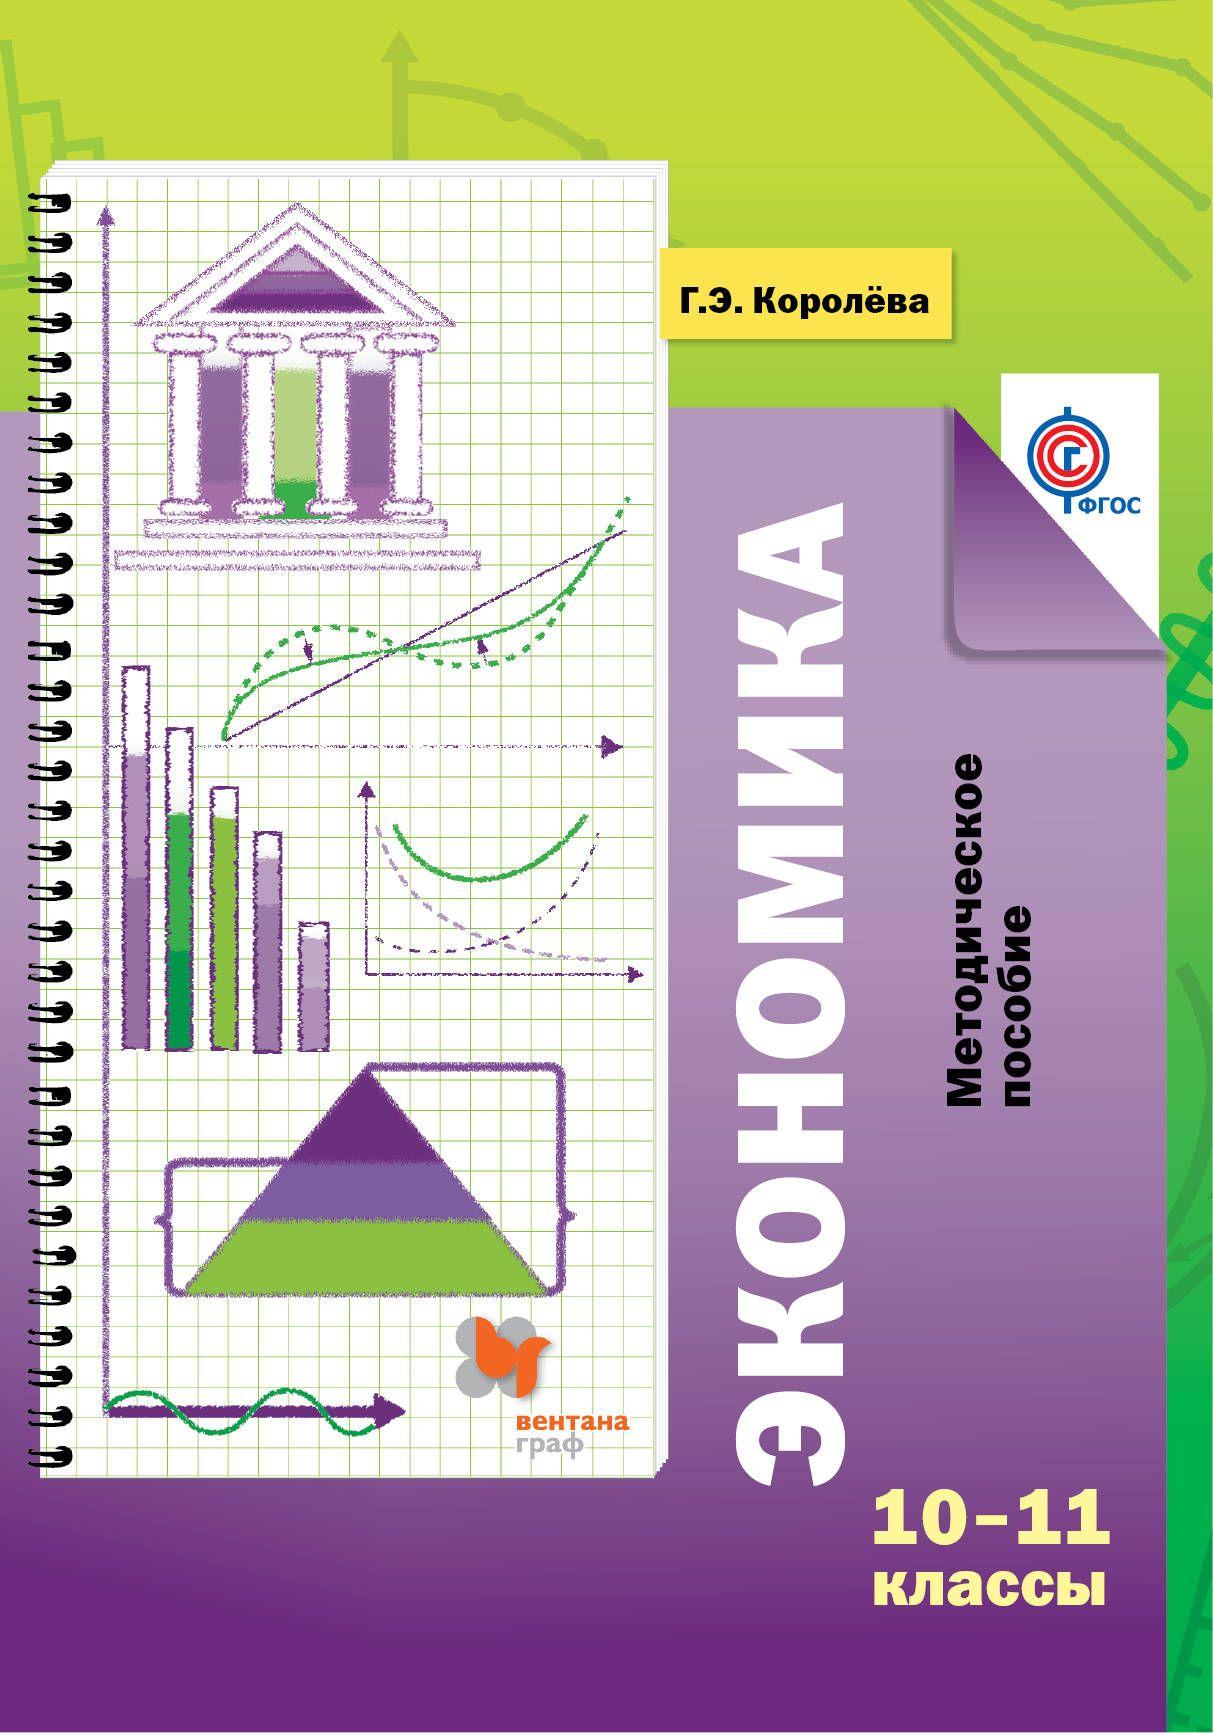 Календарно-тематическое планирование по экономике 10-11 класс по фгосу